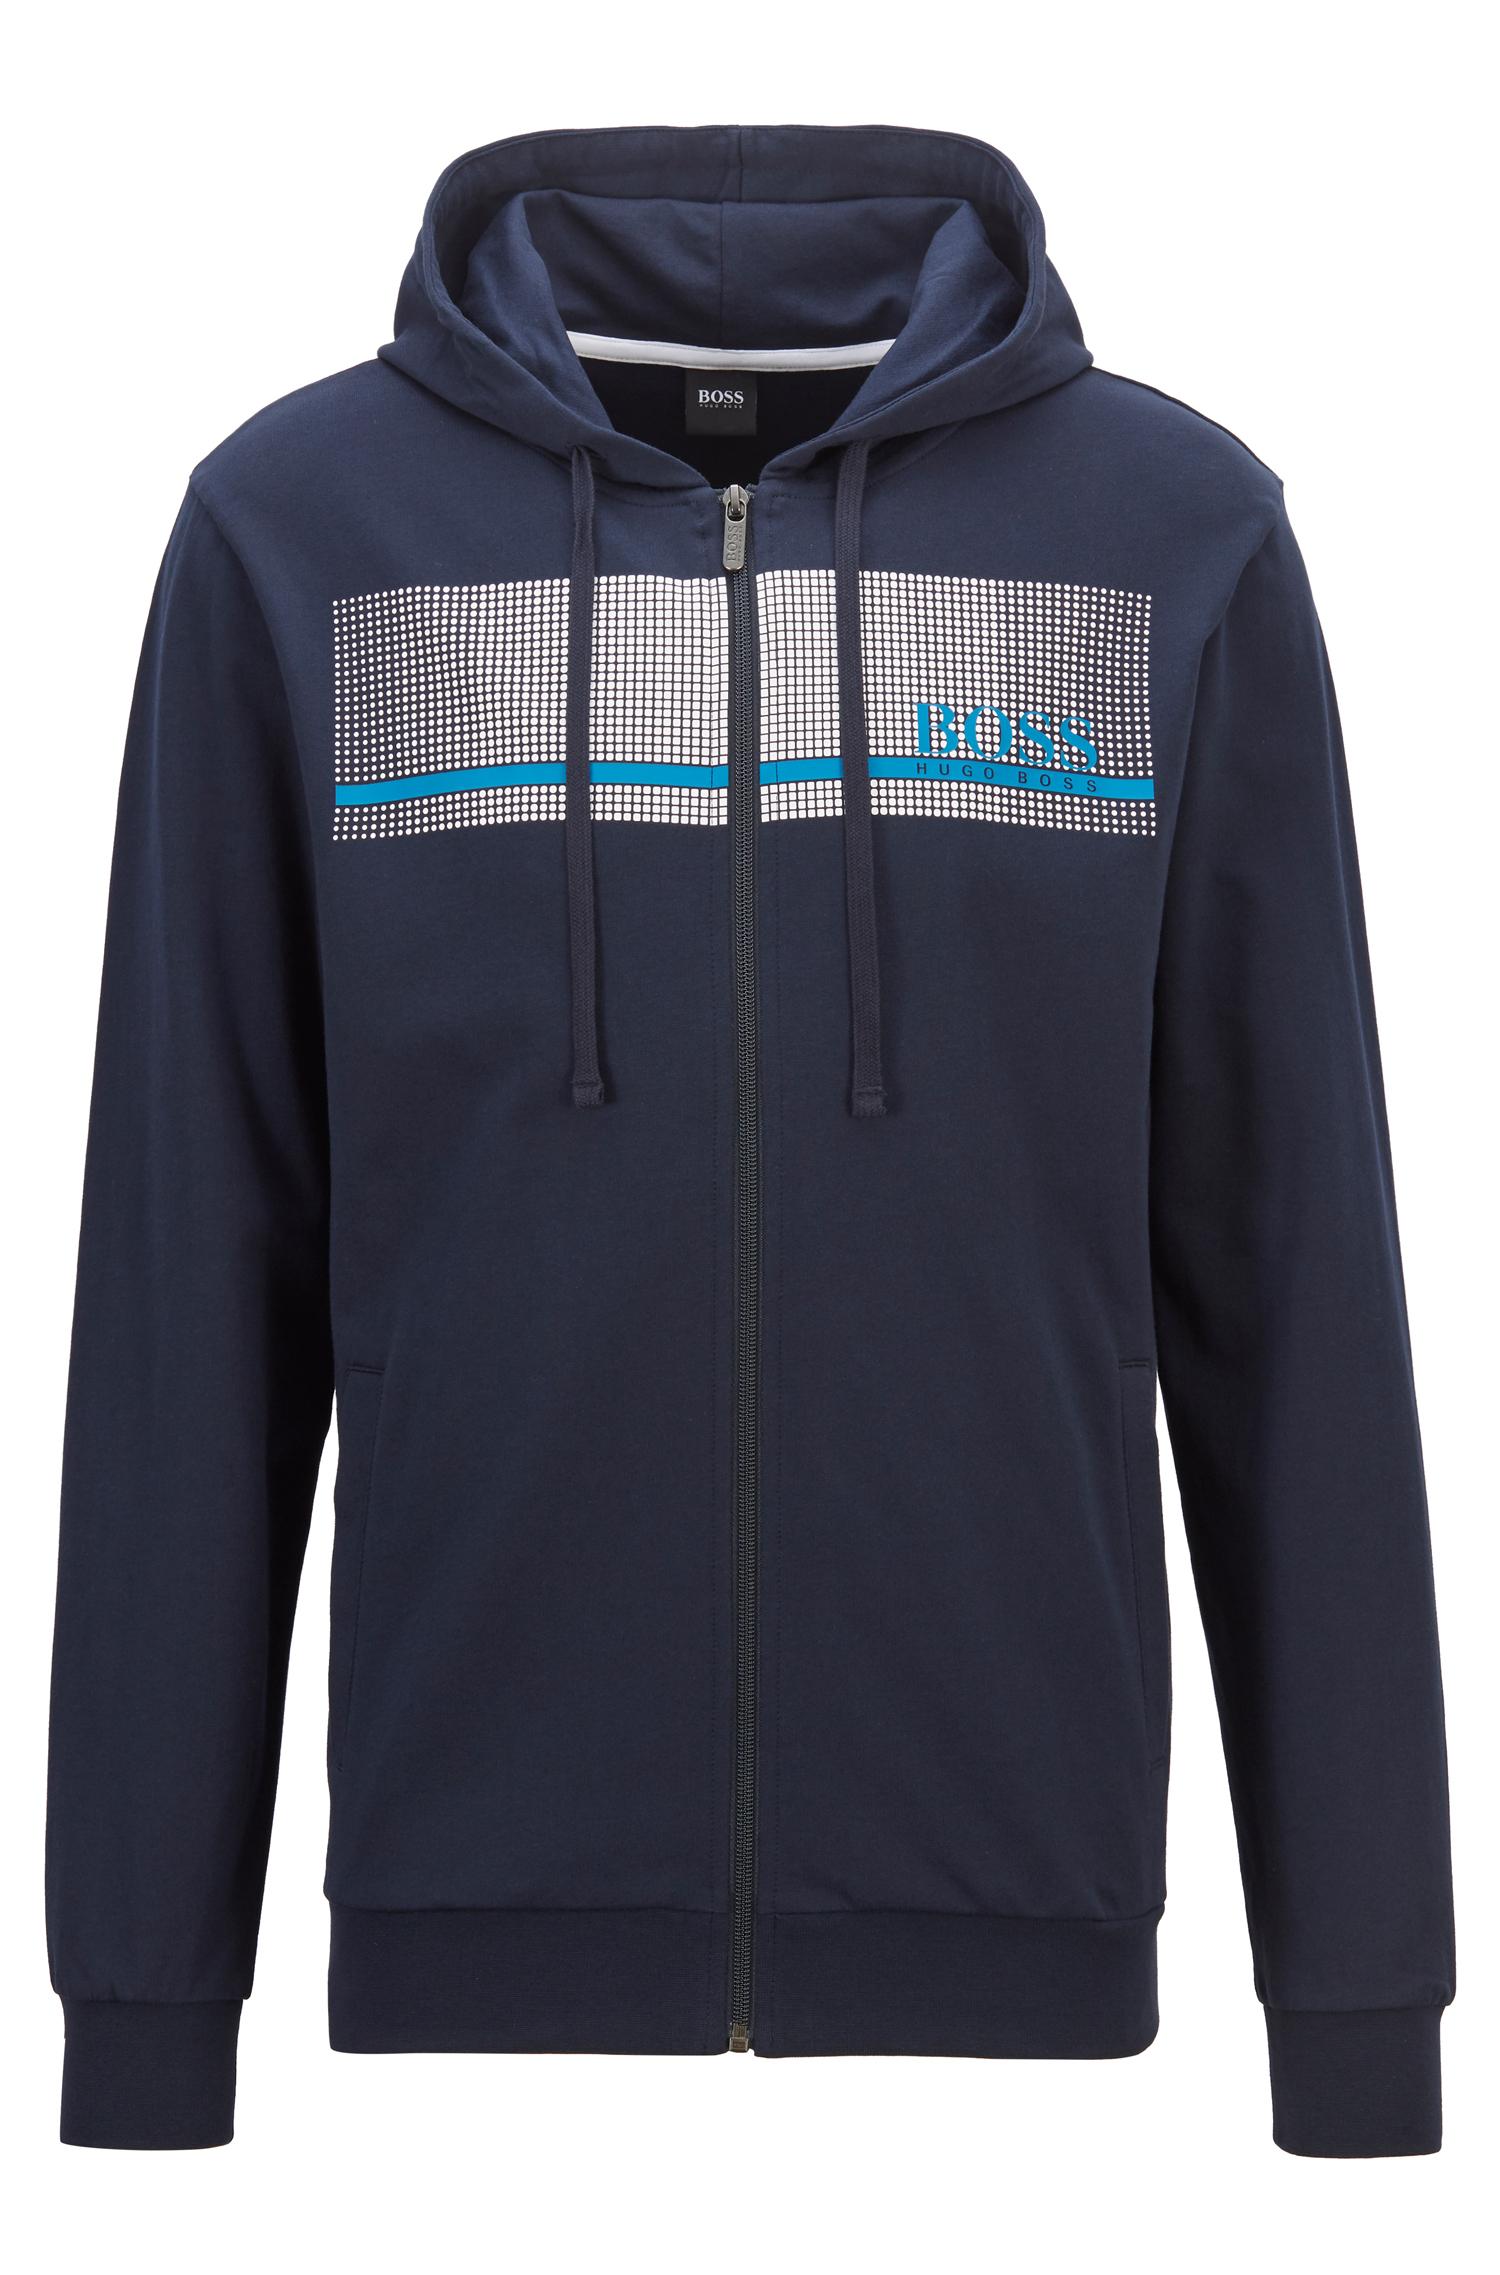 Hugo Boss loungwear jakke med hætte, dark blue, Small